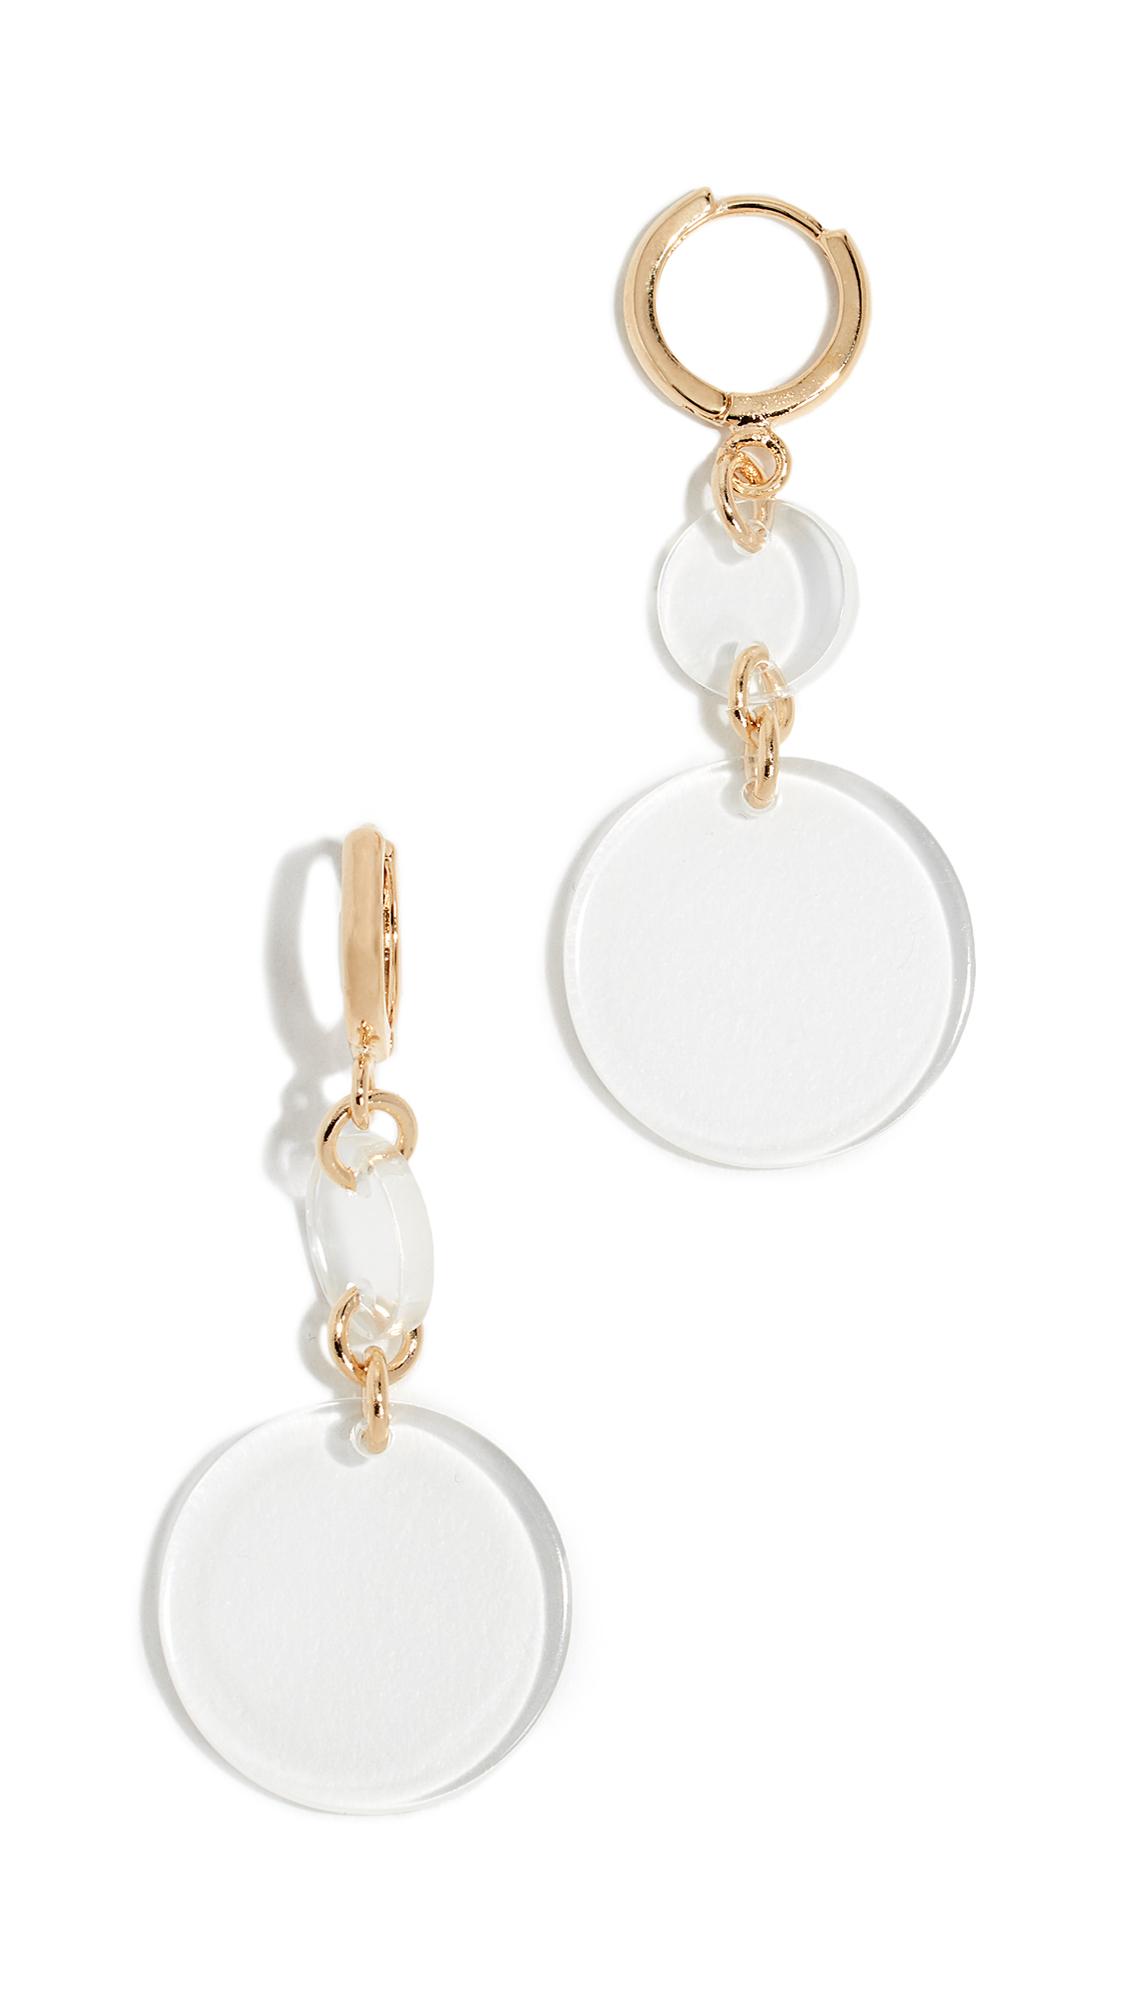 CLOVERPOST Pluck Earrings in Gold